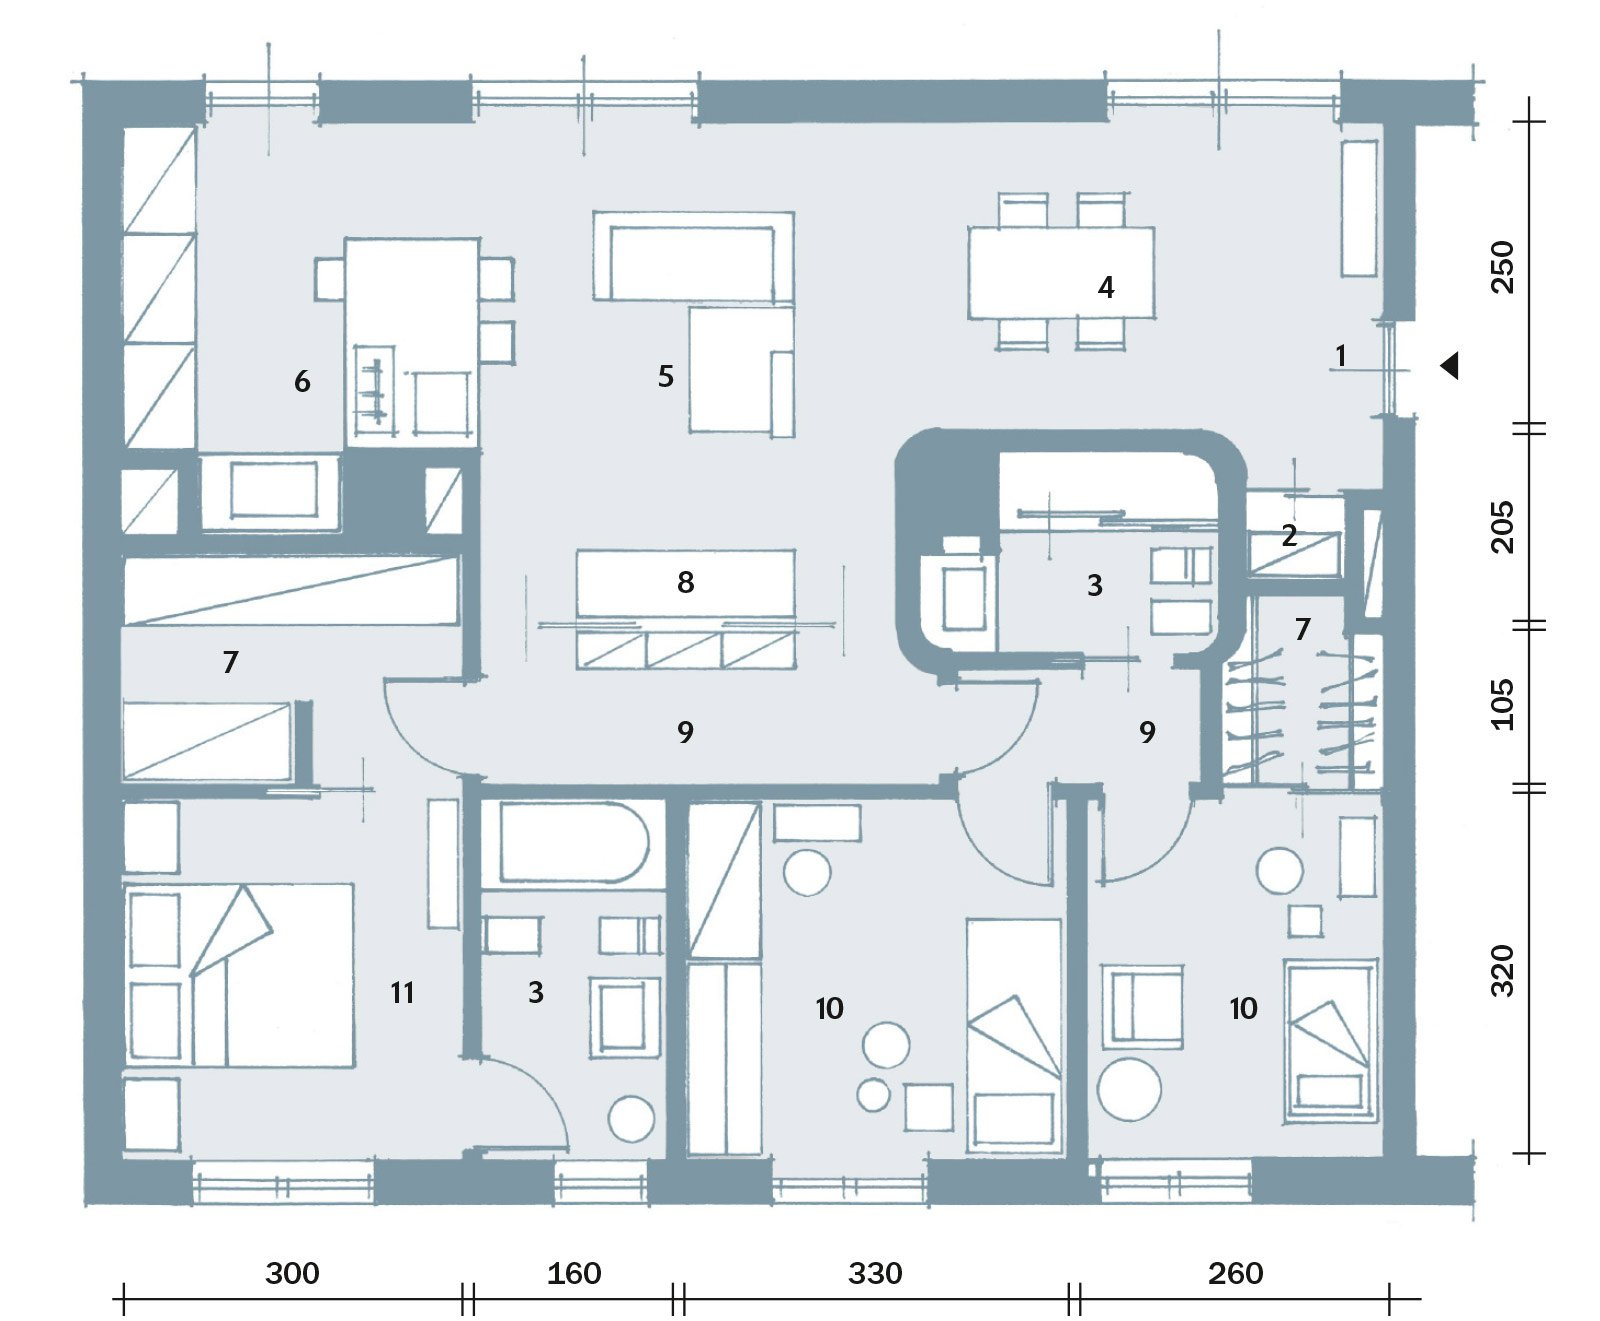 Suddivisioni ottimizzate per la casa di meno di 100 mq for Casa con 5 camere da letto e 2 piani